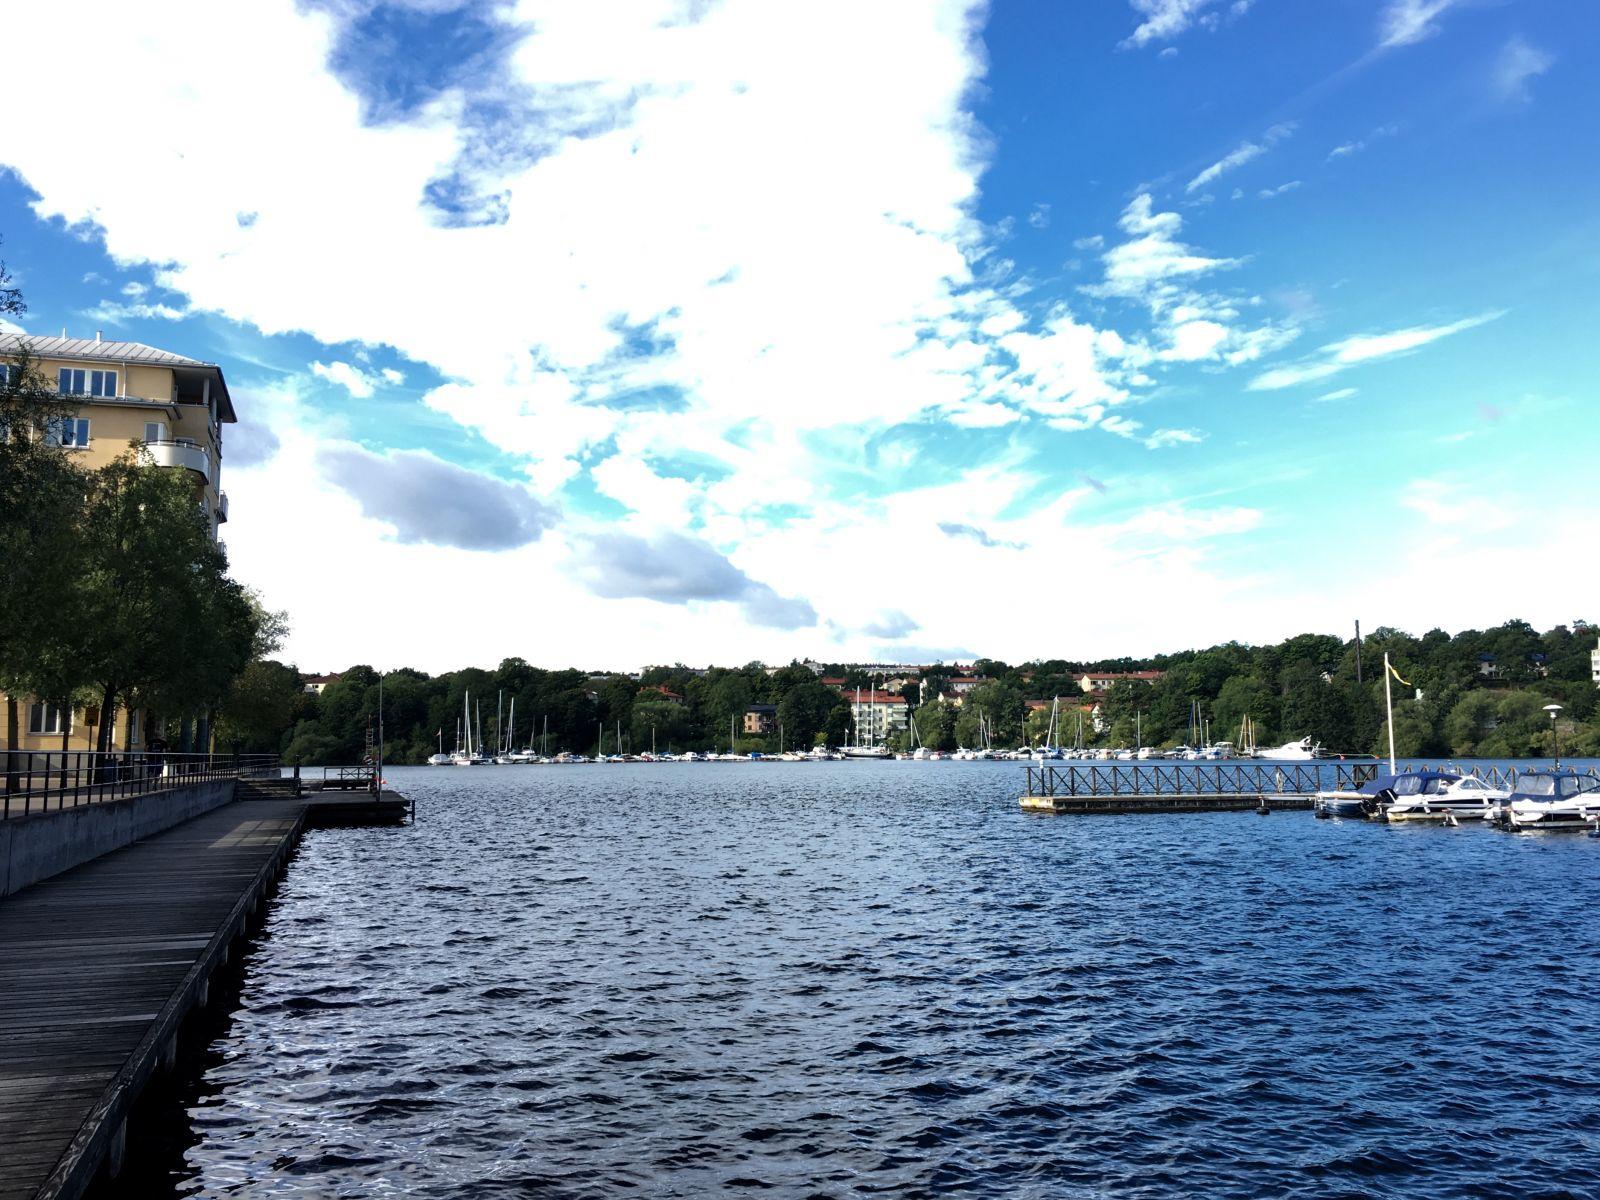 BRF Kräftan 1620 ligger alldeles nära Ulvsundasjön .